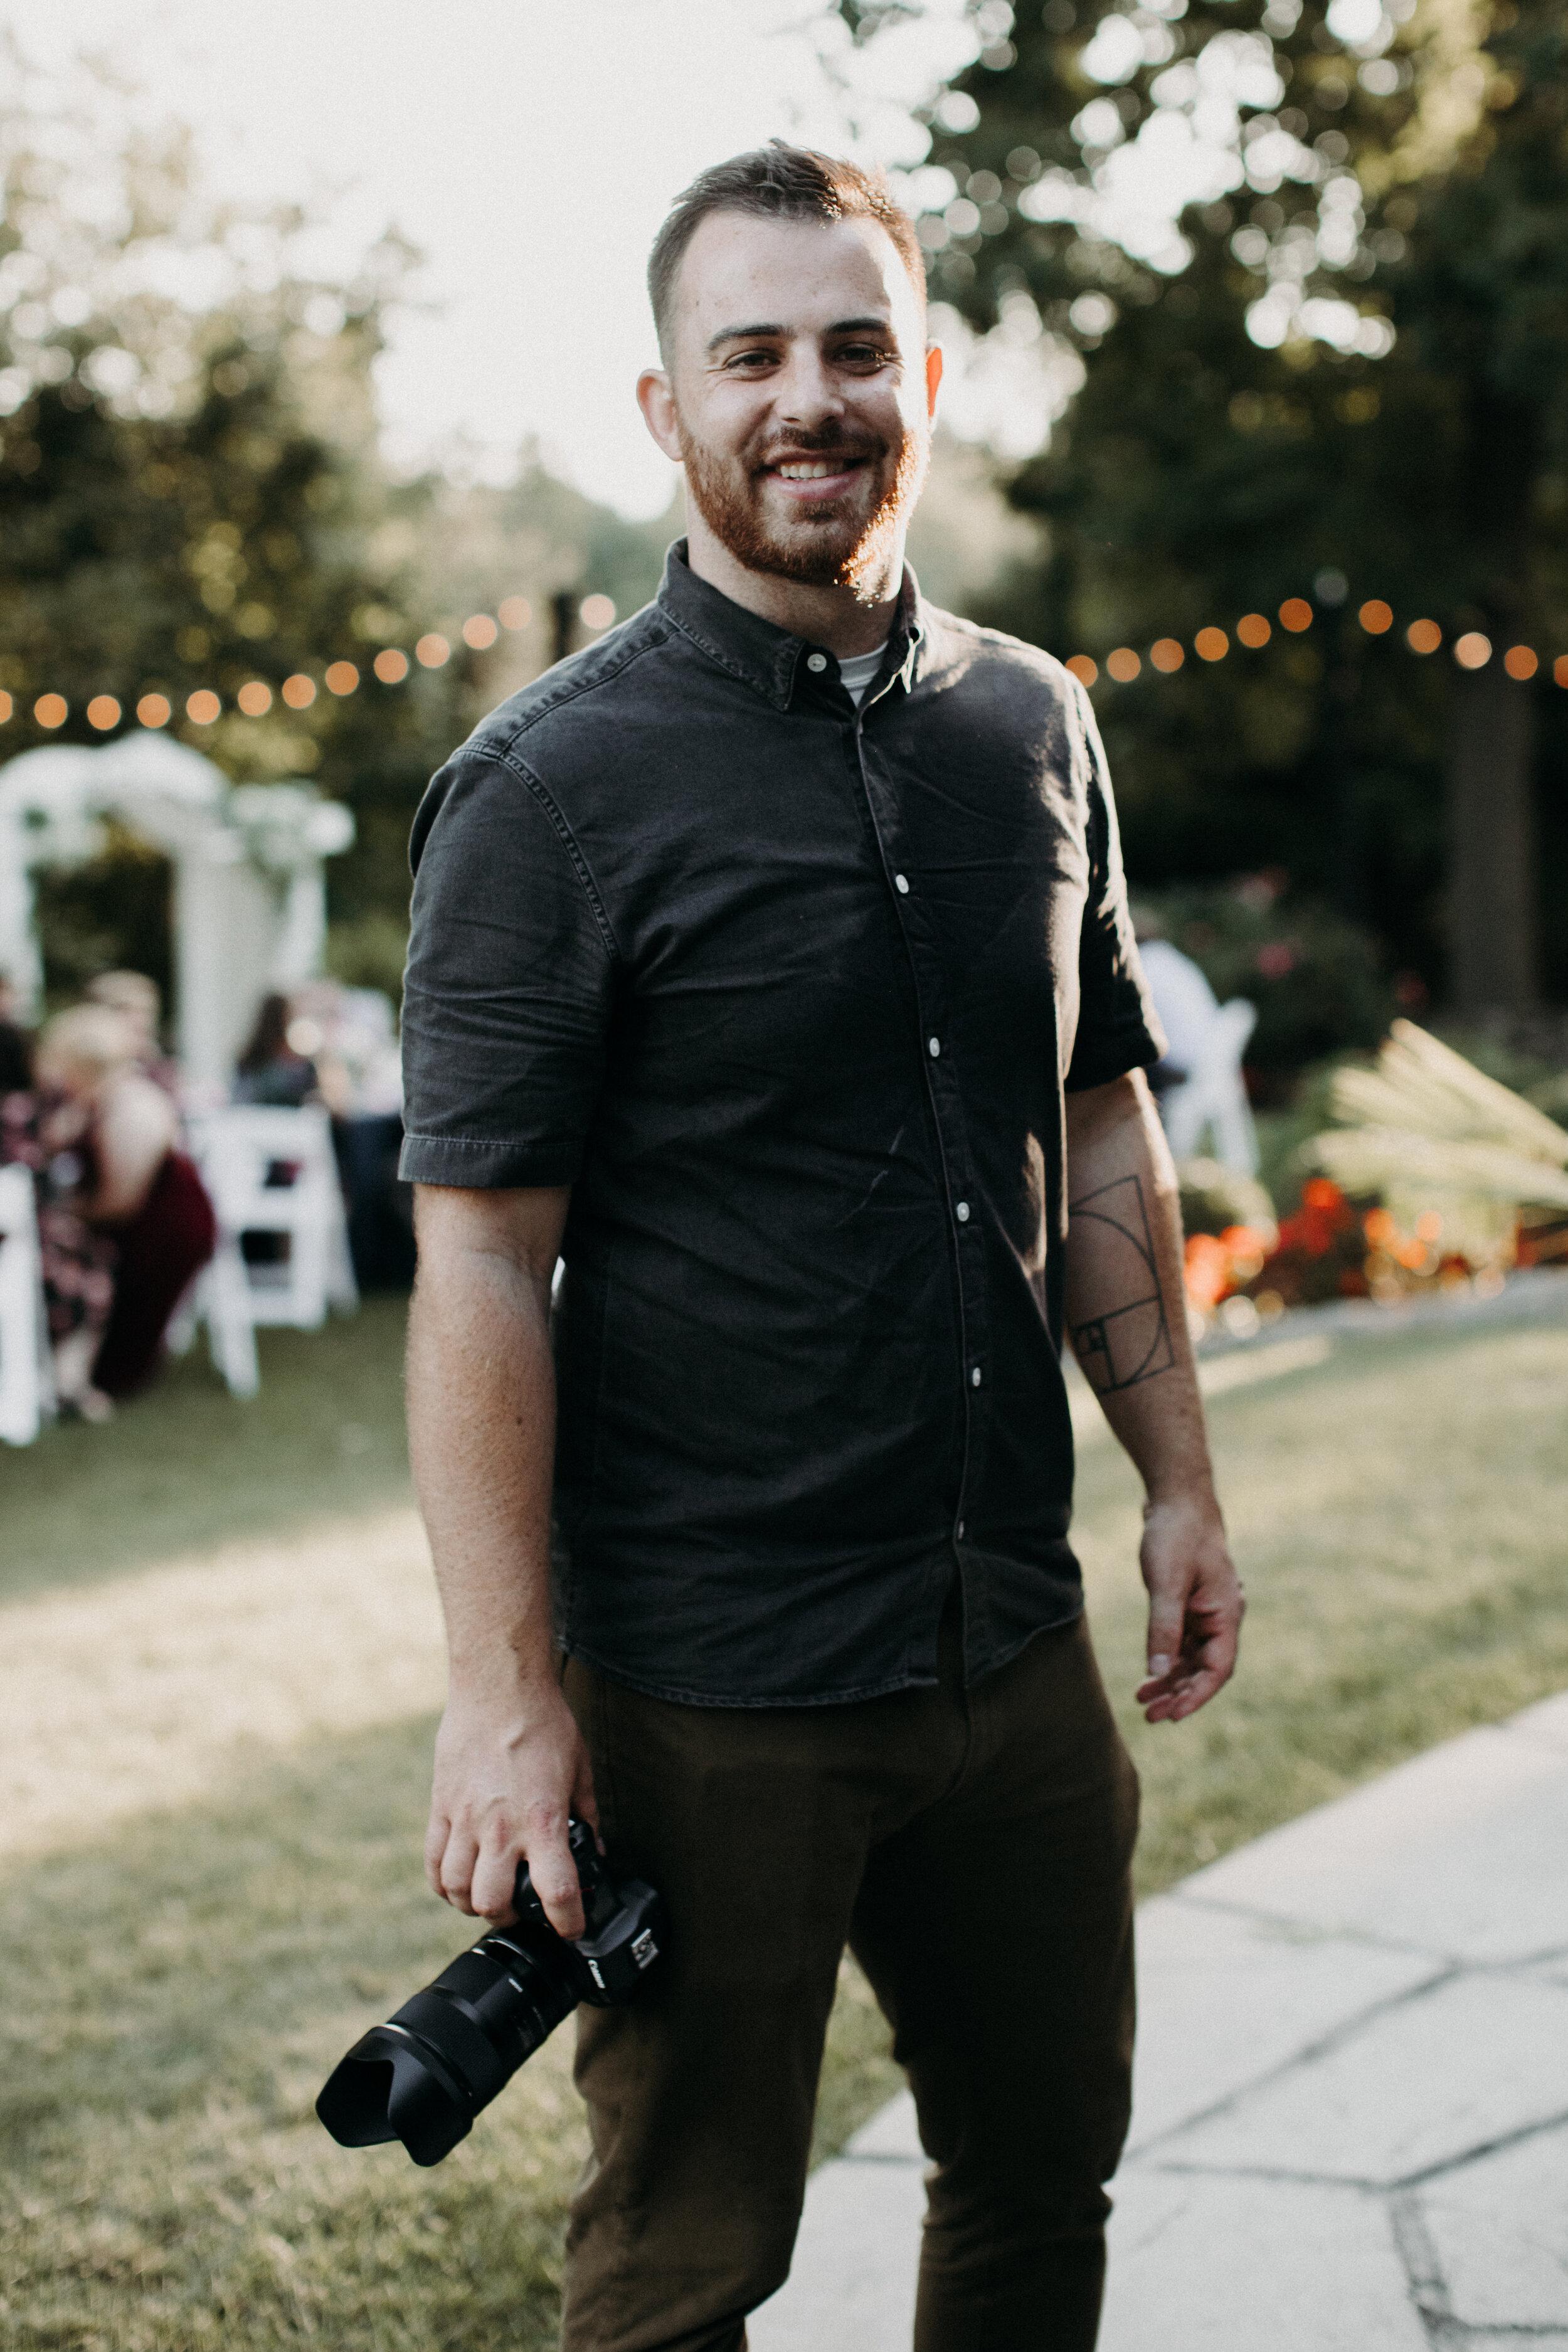 Ben Palmer, owner of Eastbourne Weddings